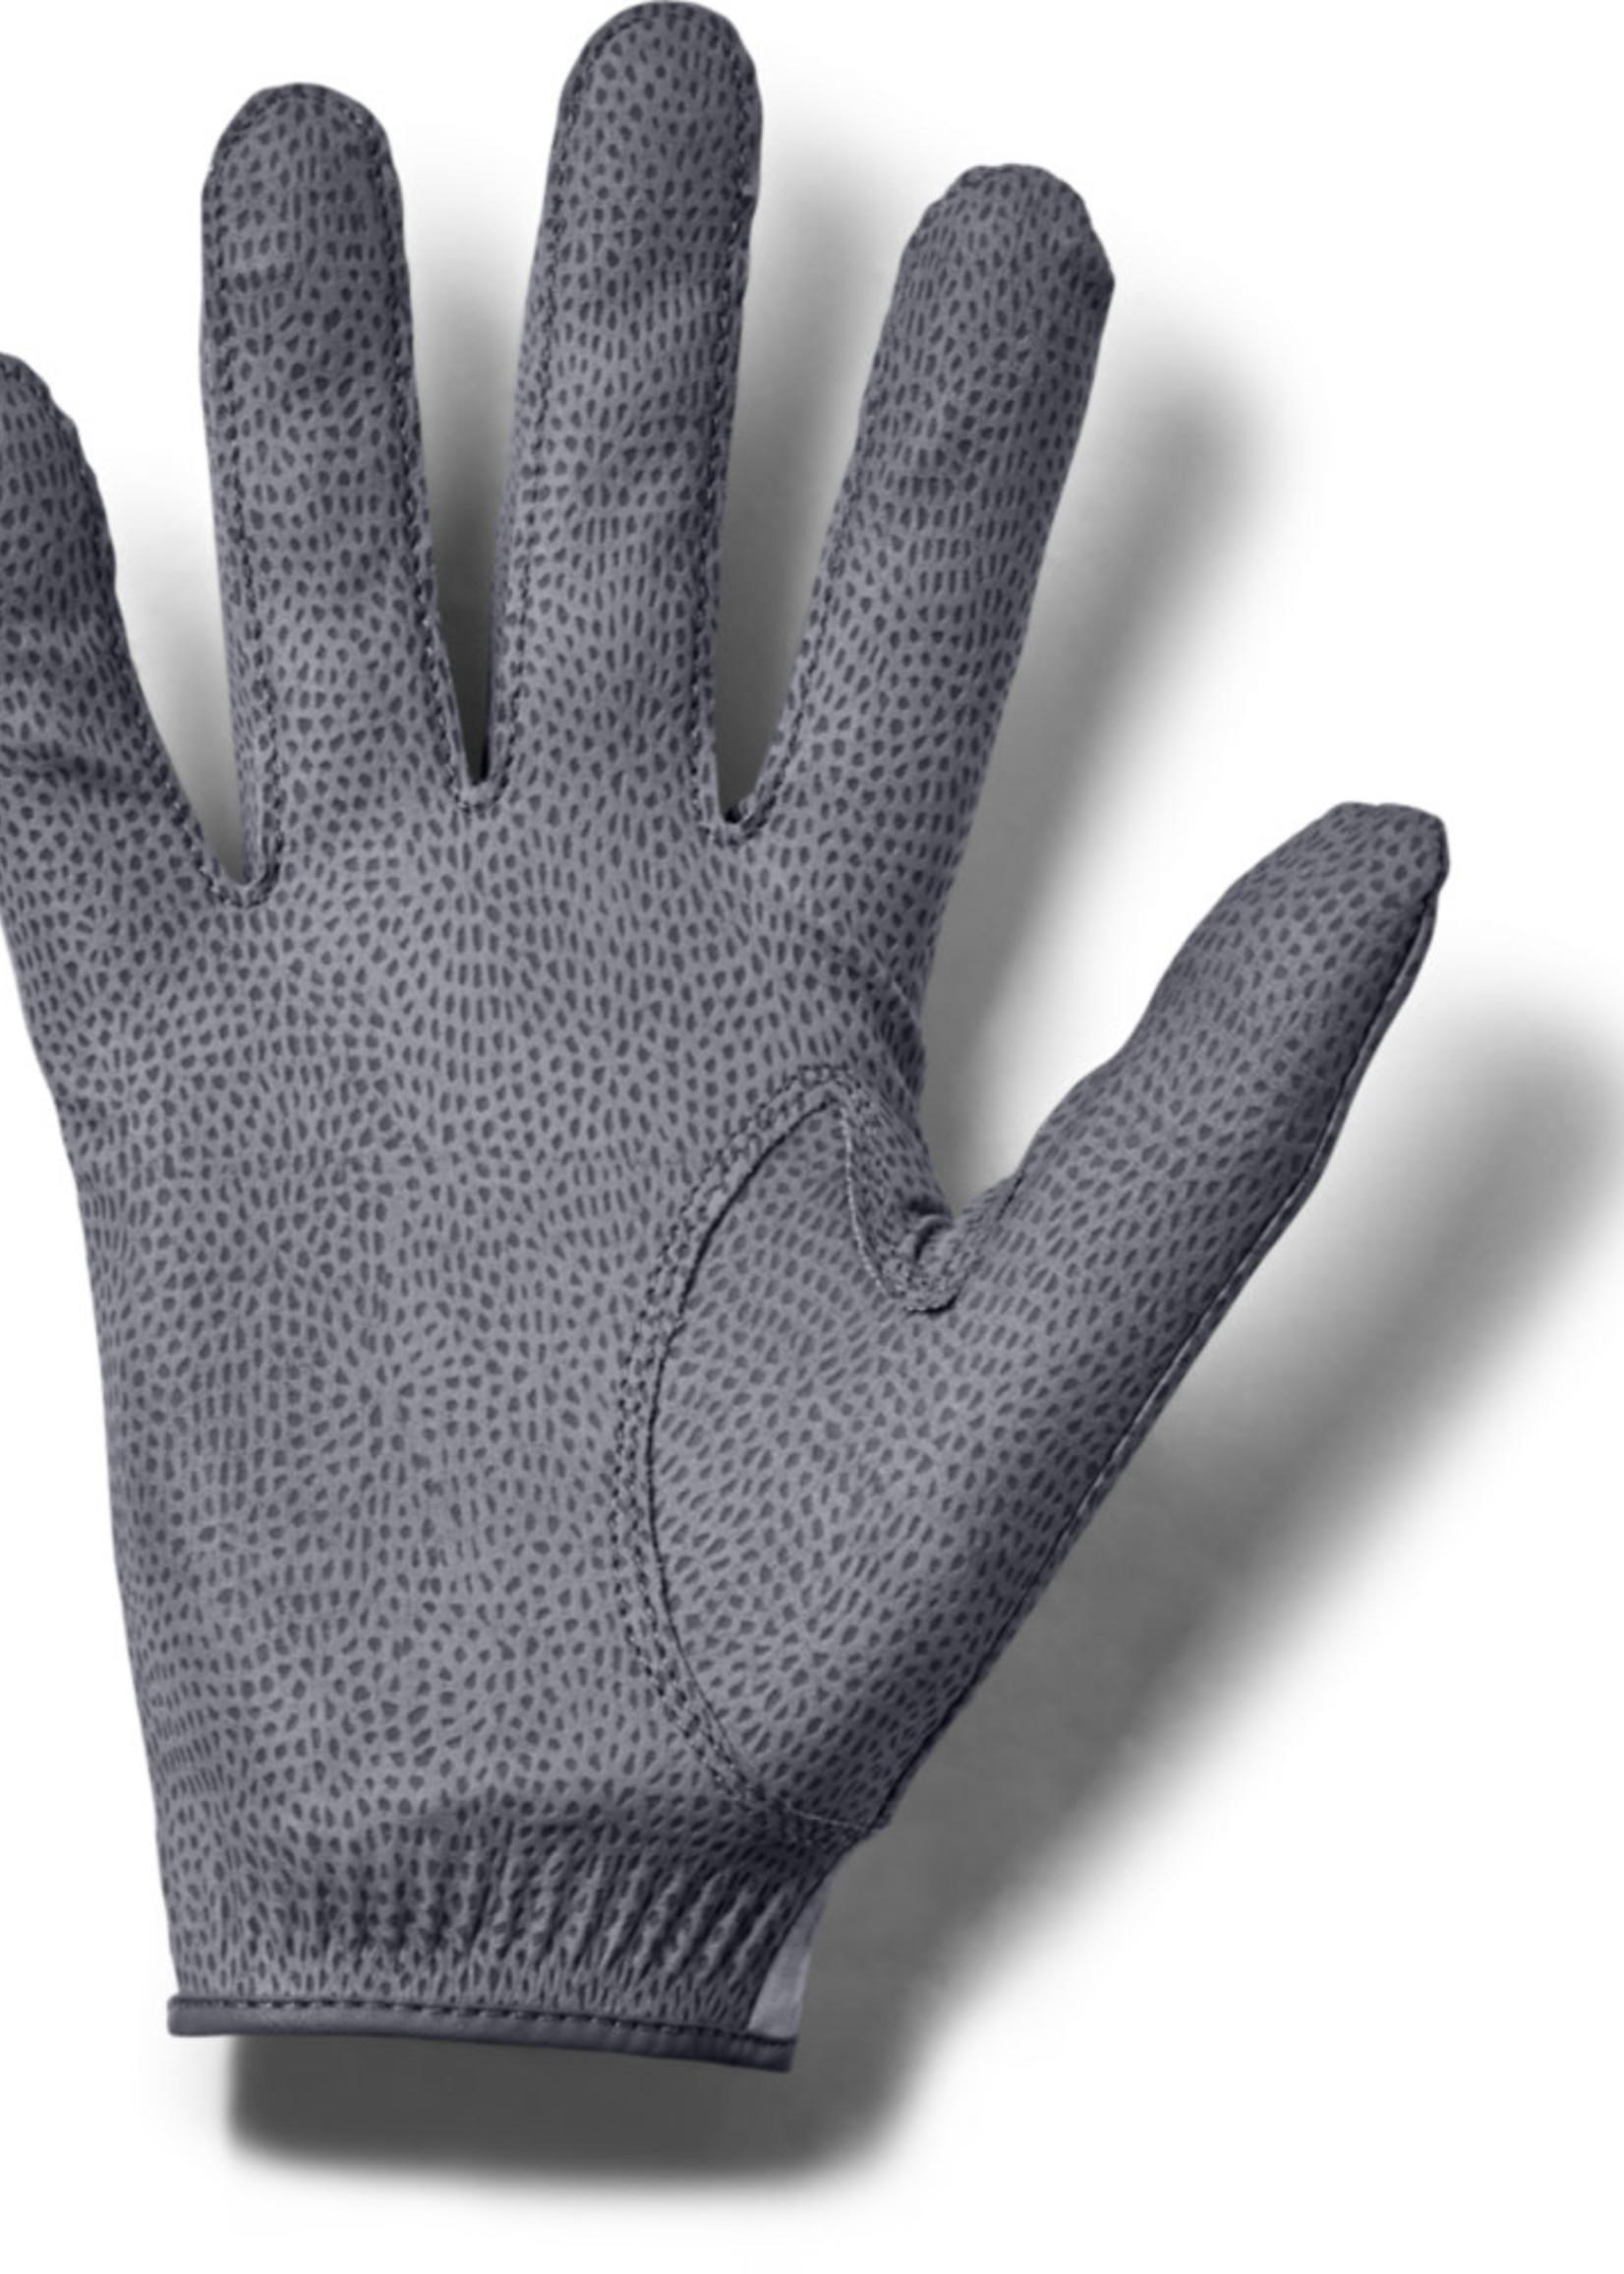 Under Armour Storm Golf Gloves - Steel